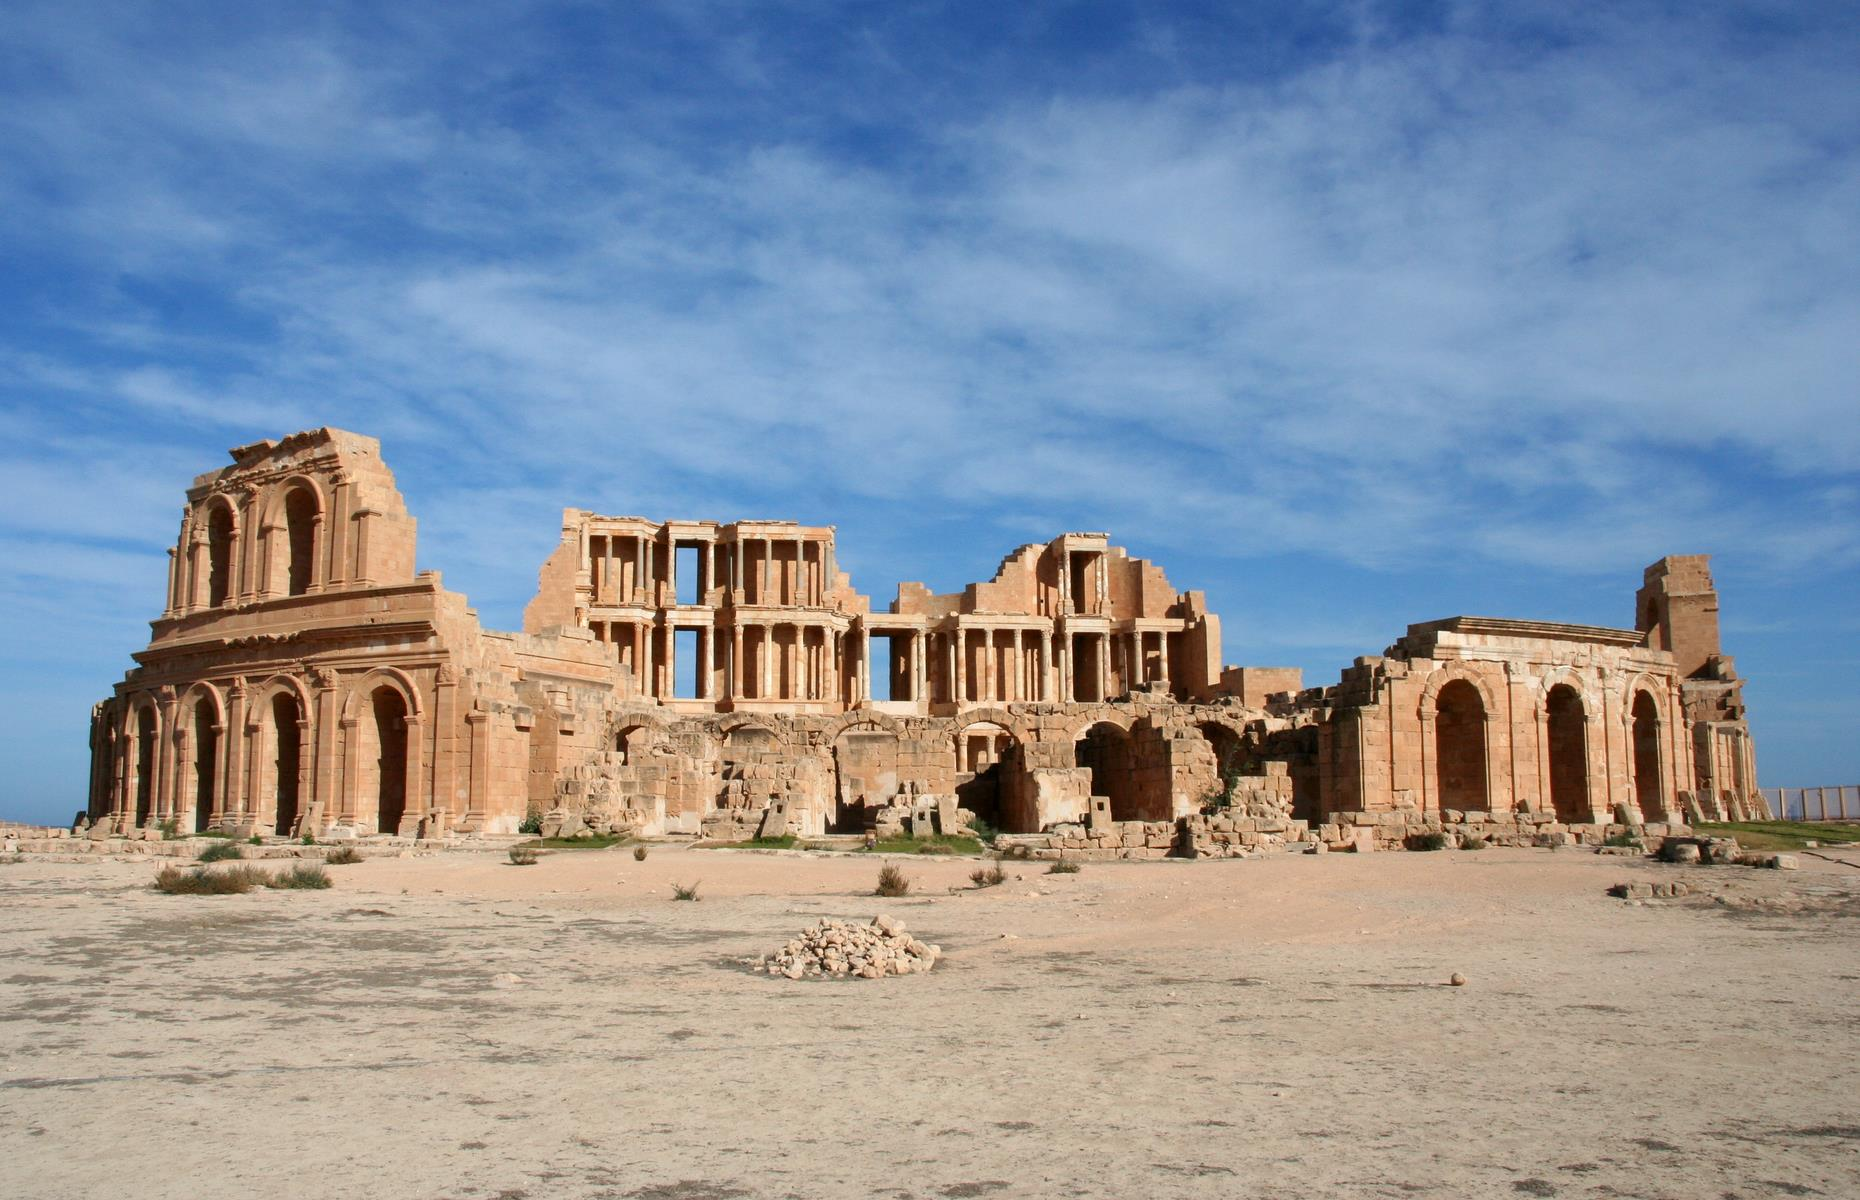 Chiêm ngưỡng những điểm đến cổ đại bị bỏ lỡ trên thế giới - Ảnh 6.